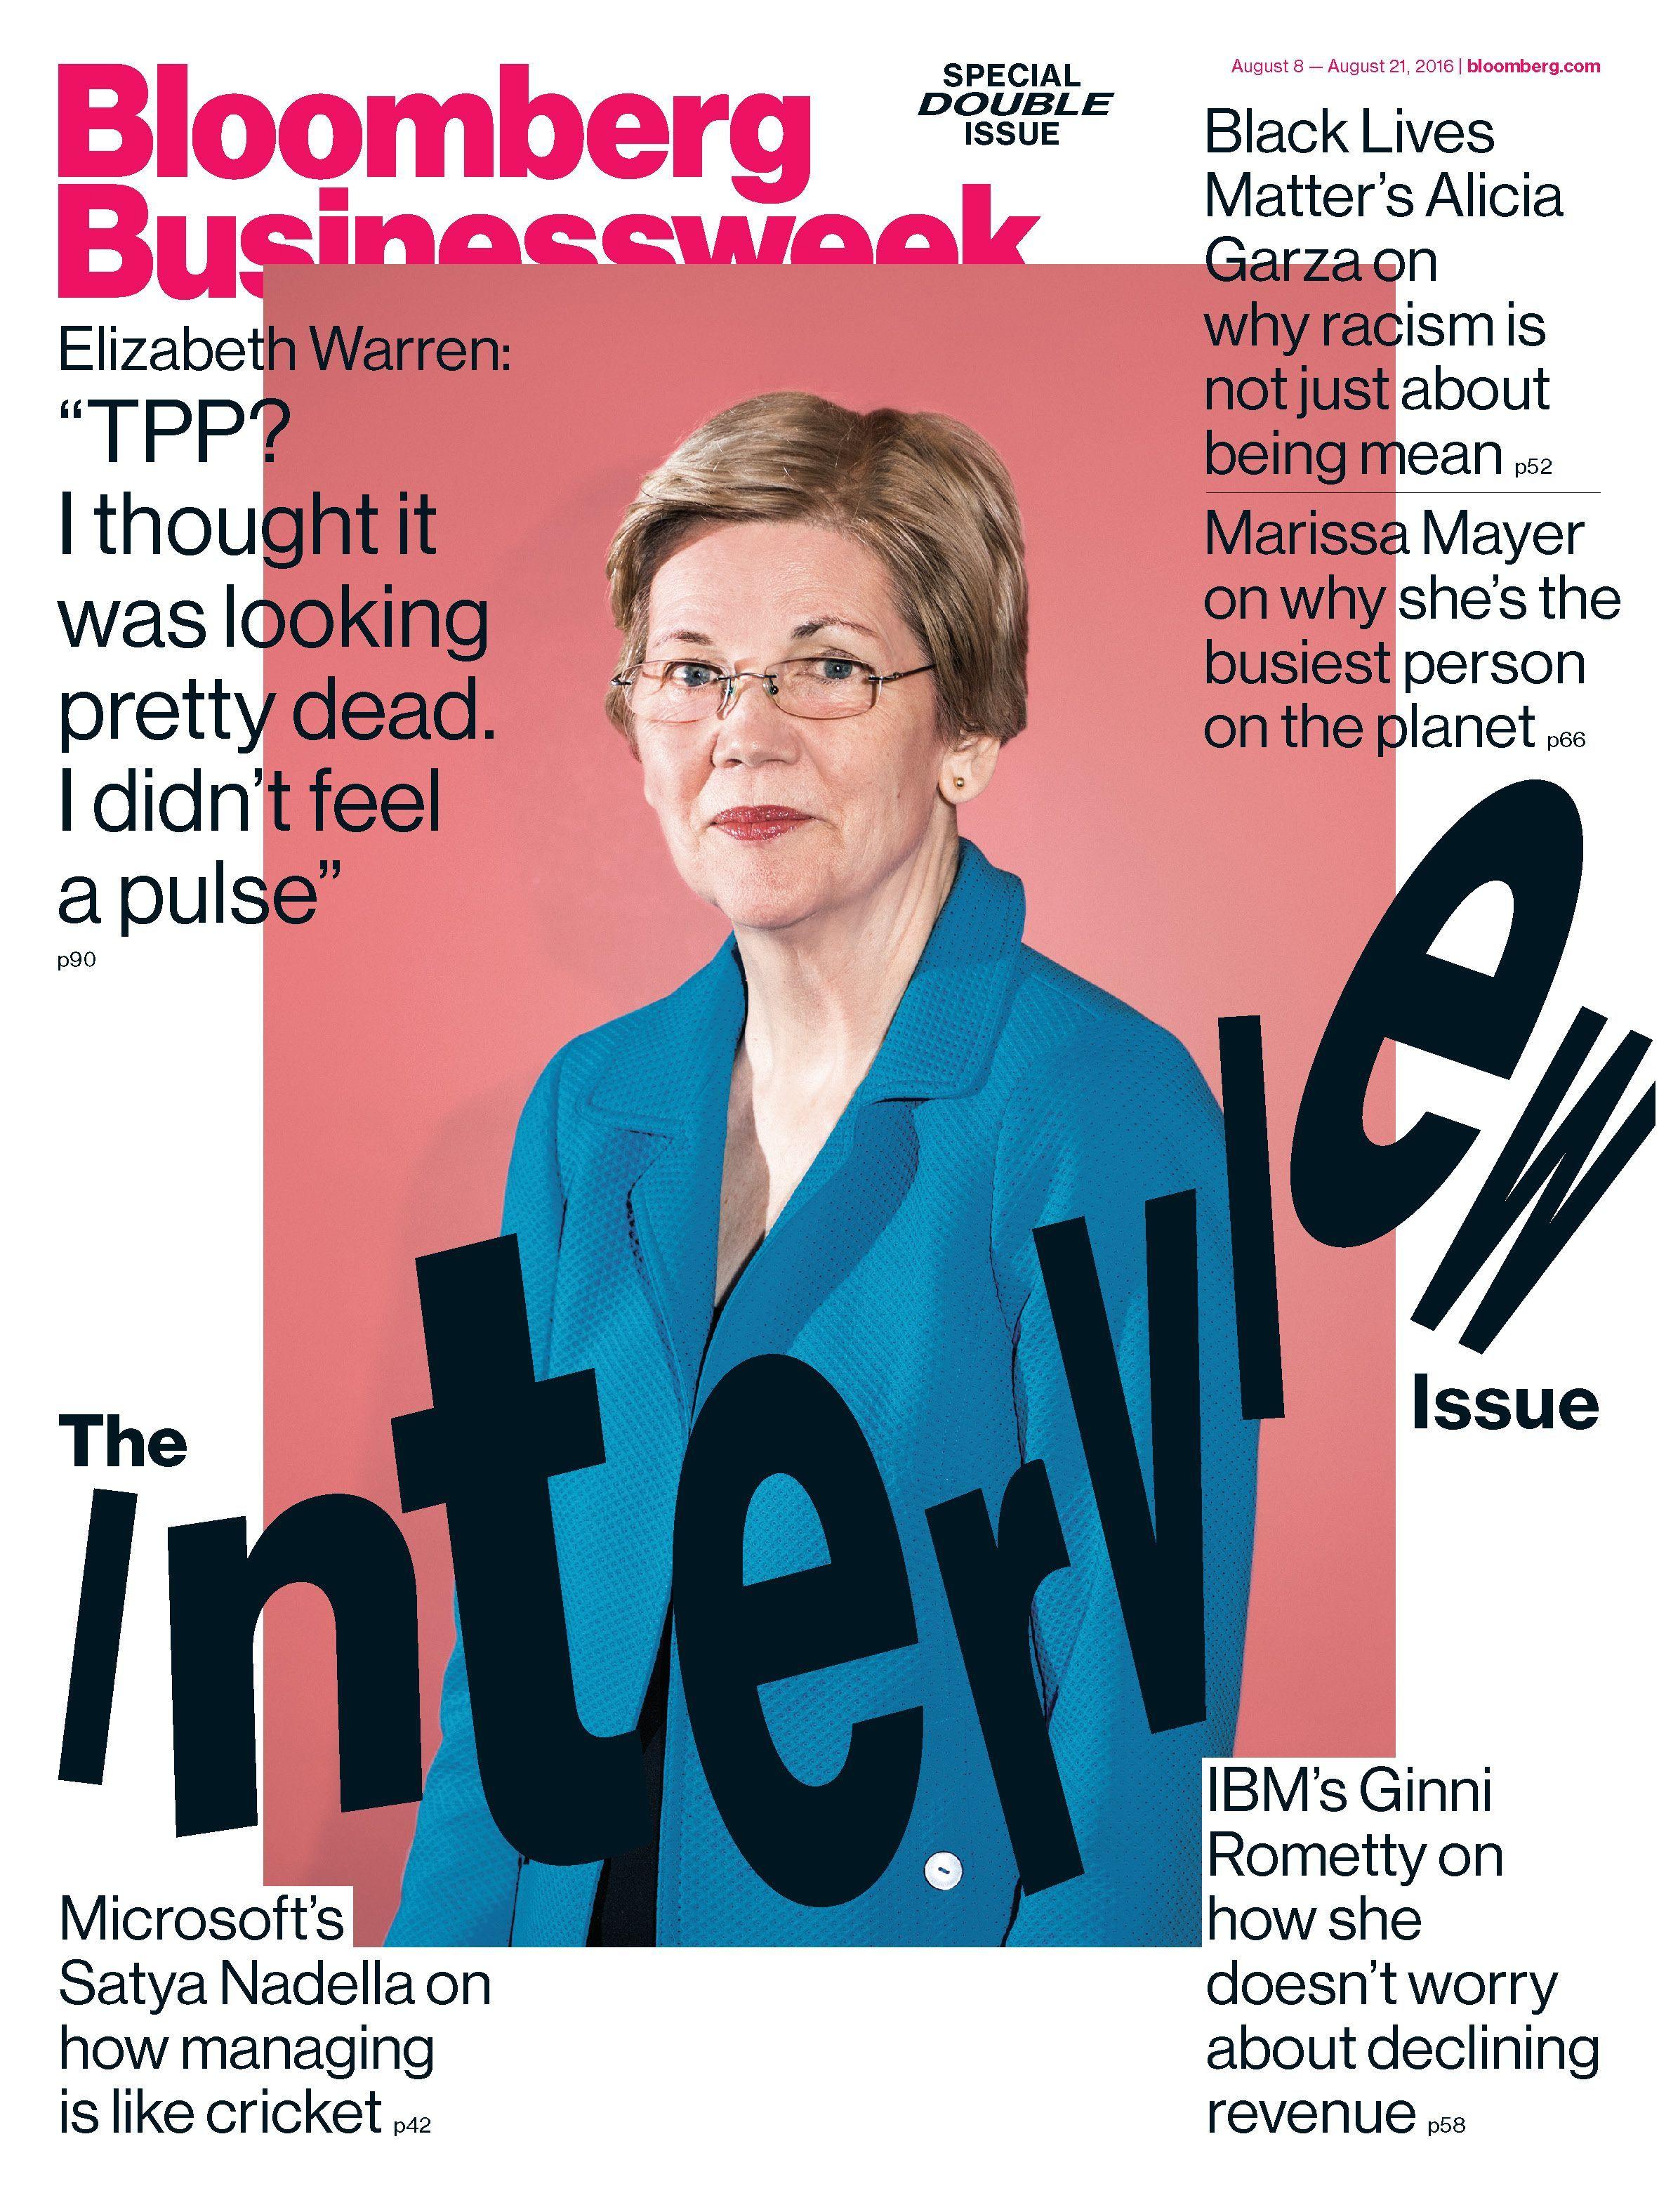 Bloomberg Businessweek Magazine Interview Issue with Elizabeth Warren 2016